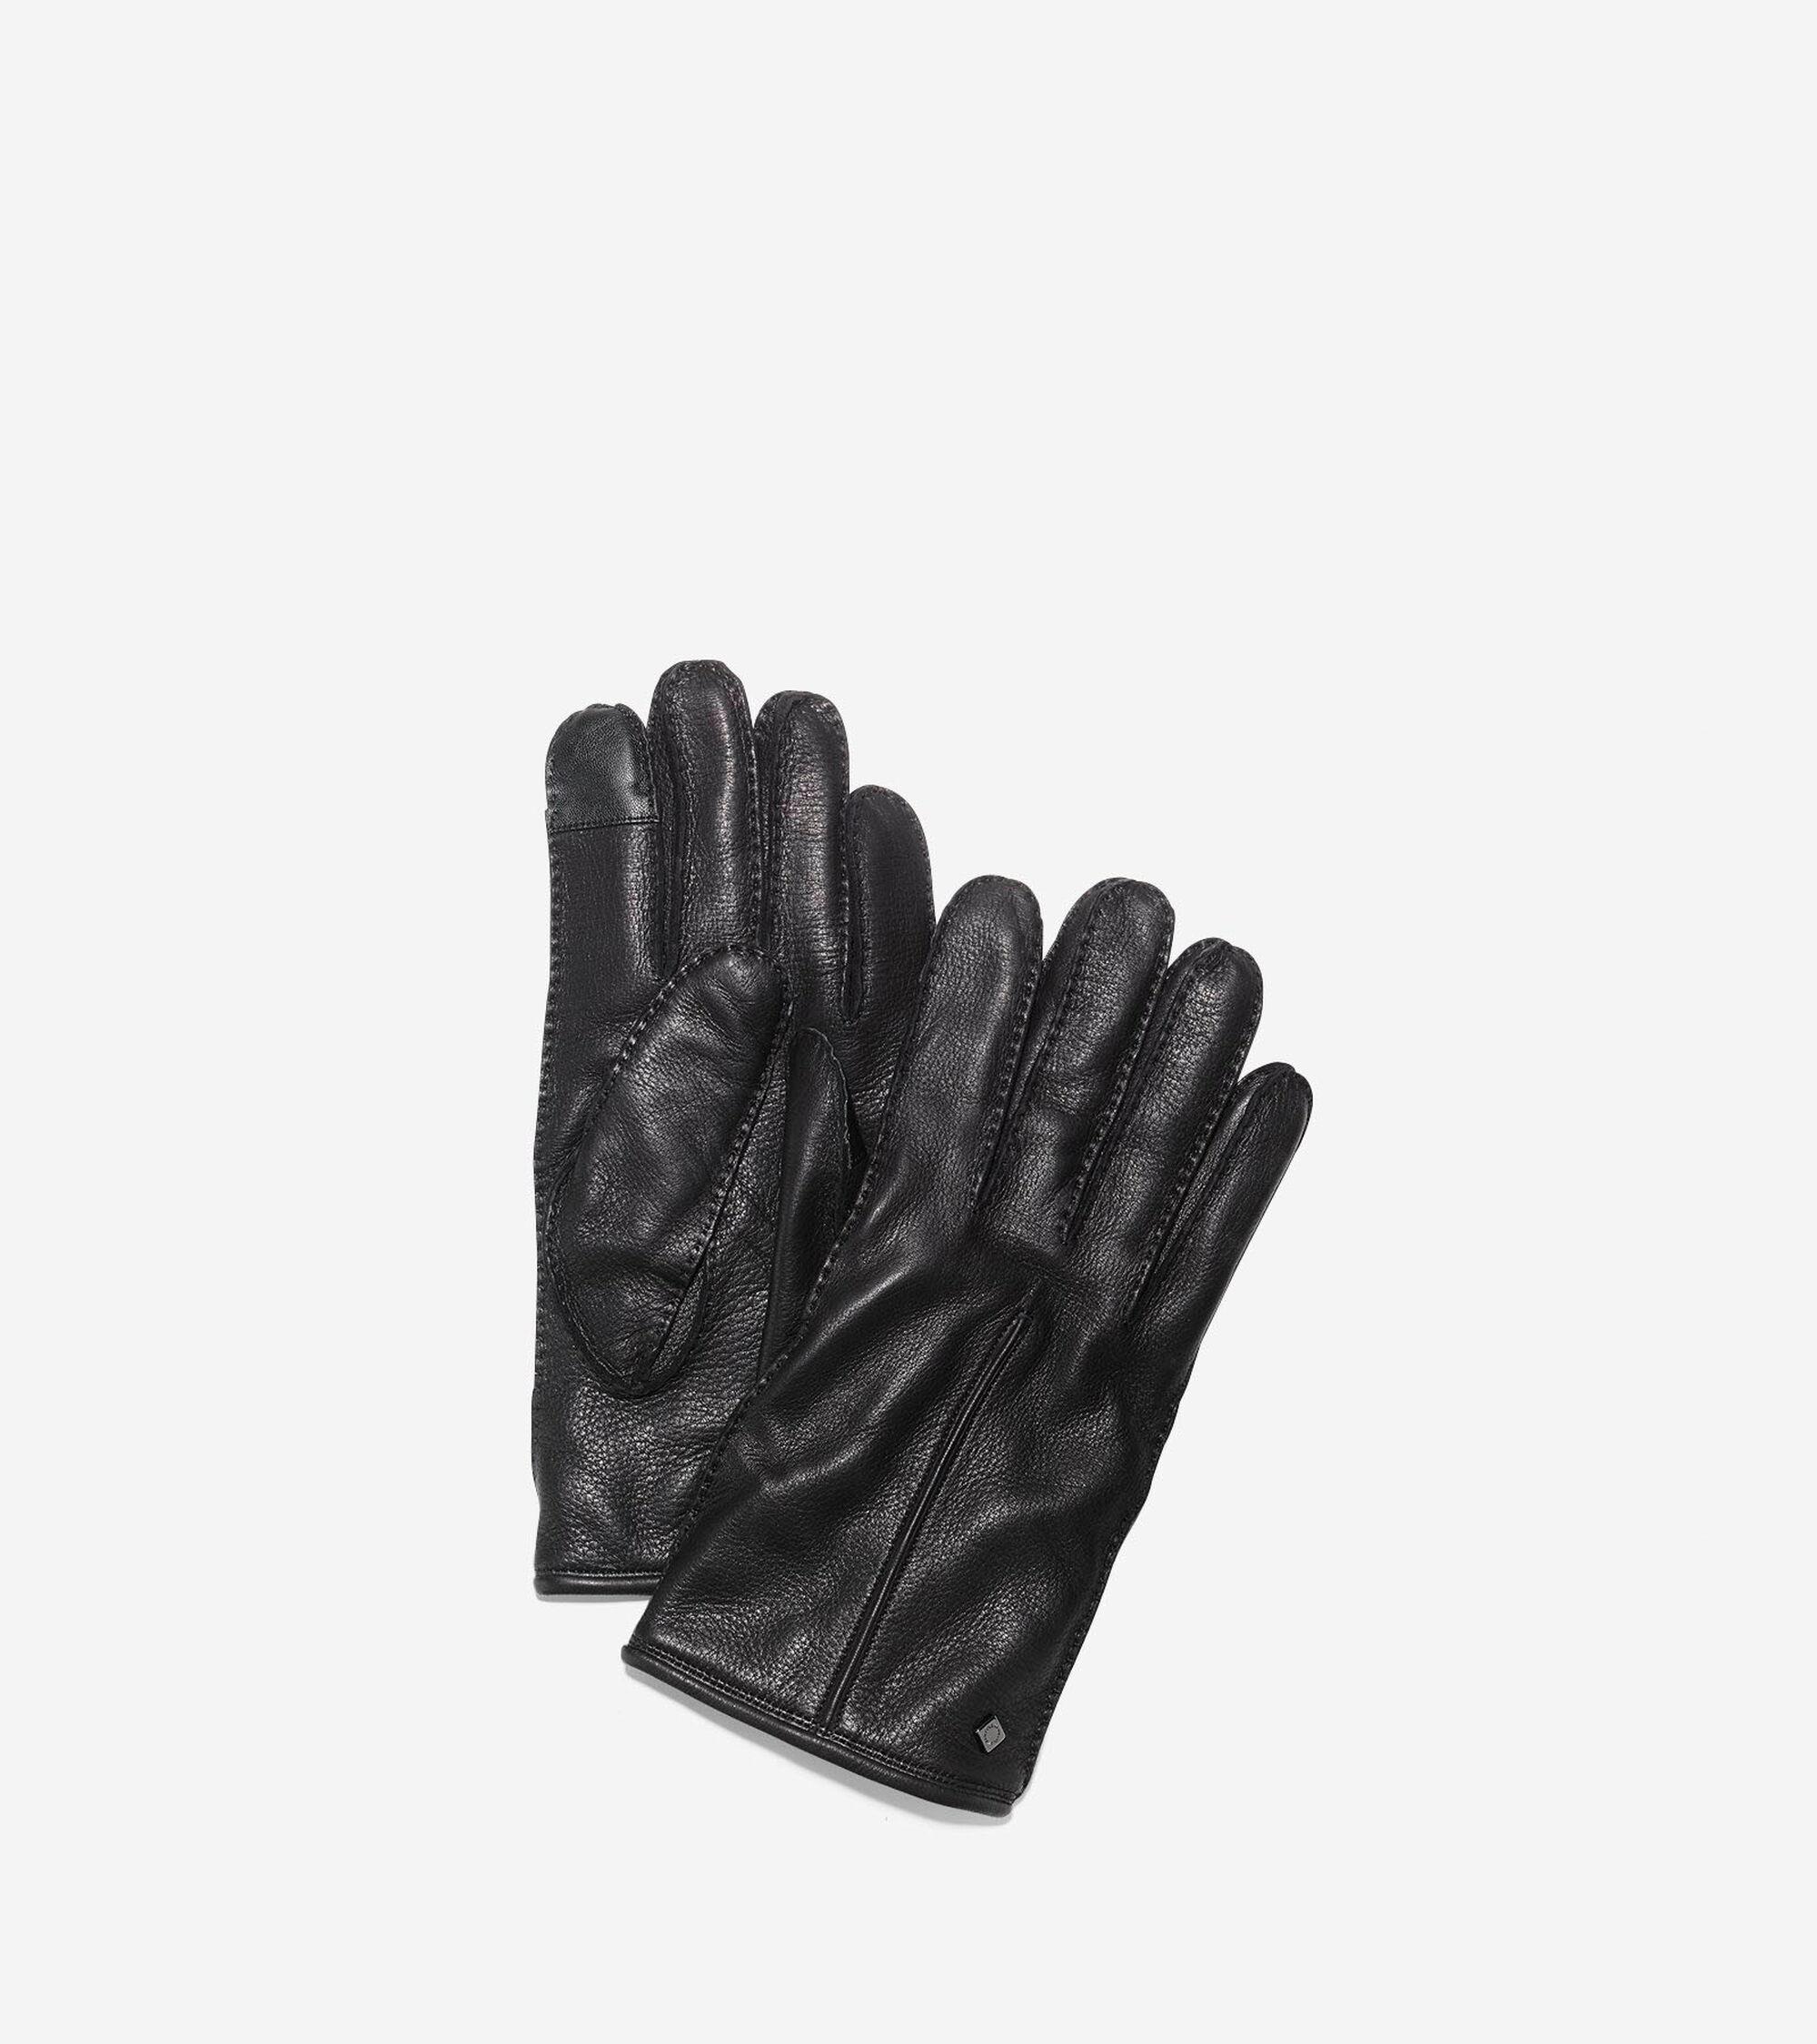 Scarves & Gloves > Men's Handsewn Deerskin Leather Gloves